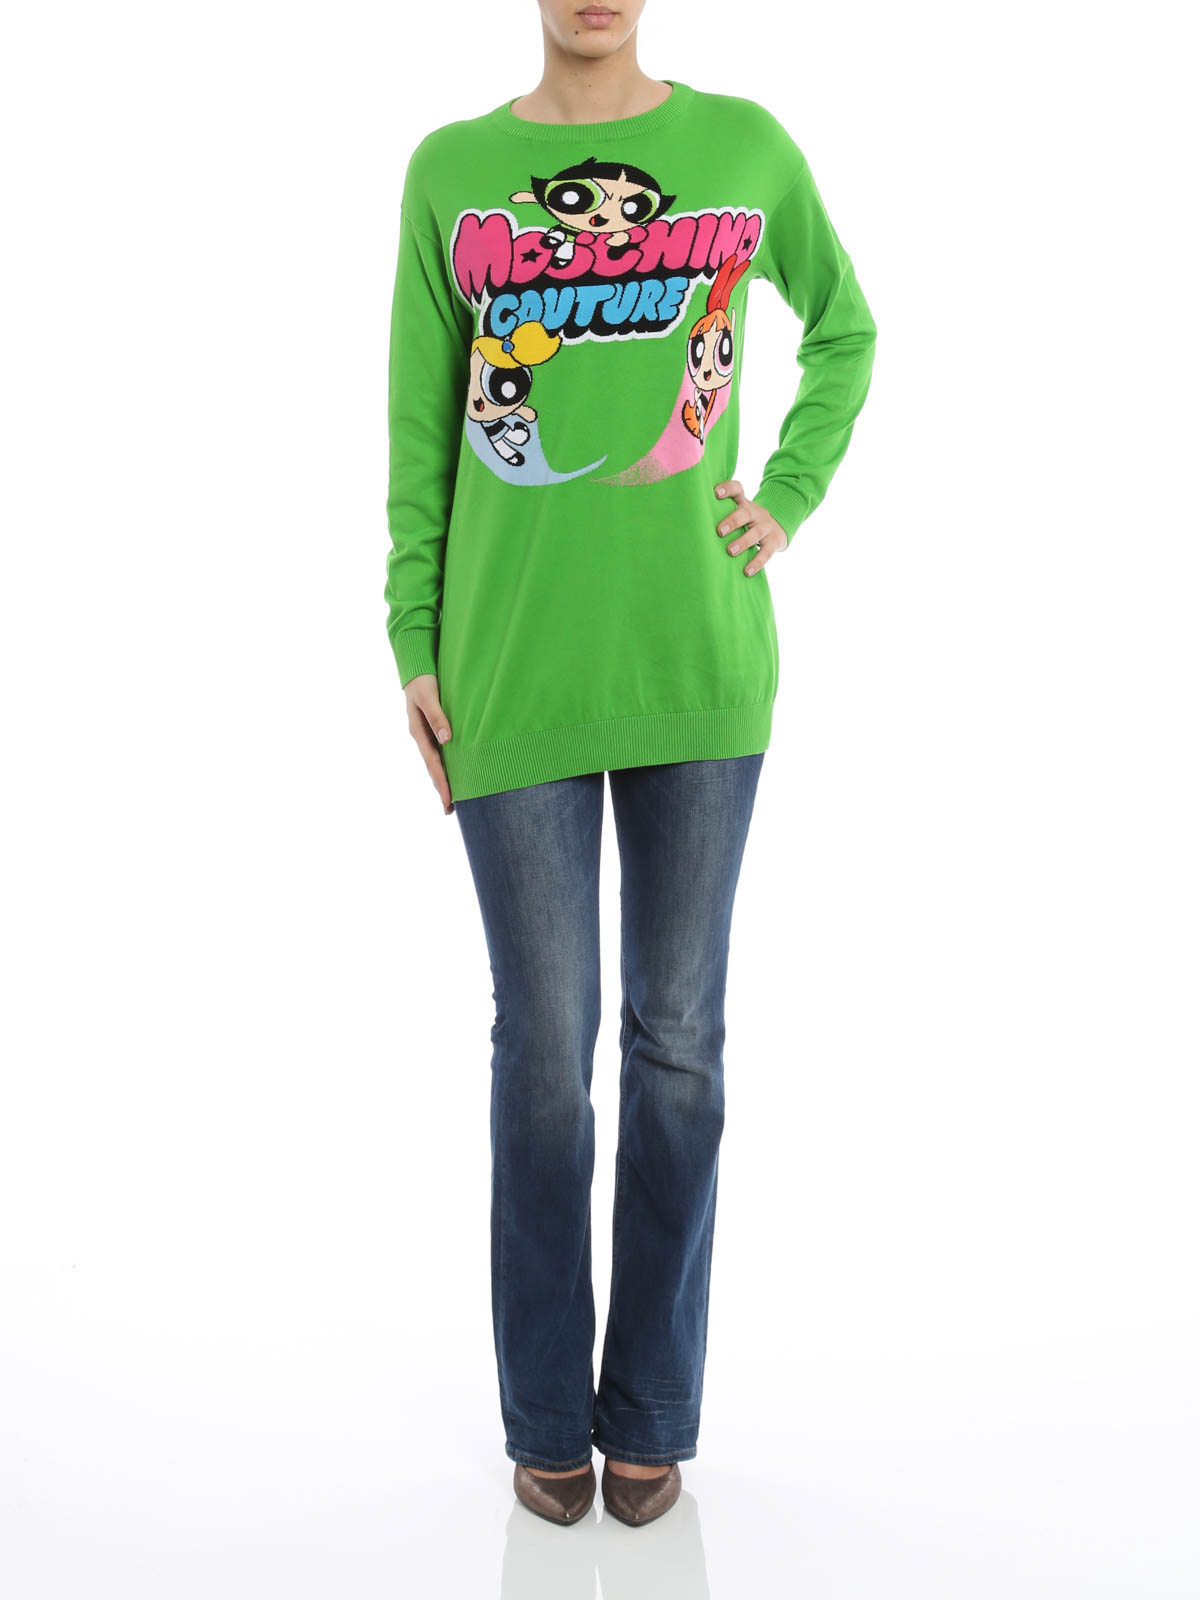 outlet store 1caad b4982 Moschino Couture - Abito in maglia Powerpuff Girl - abiti ...